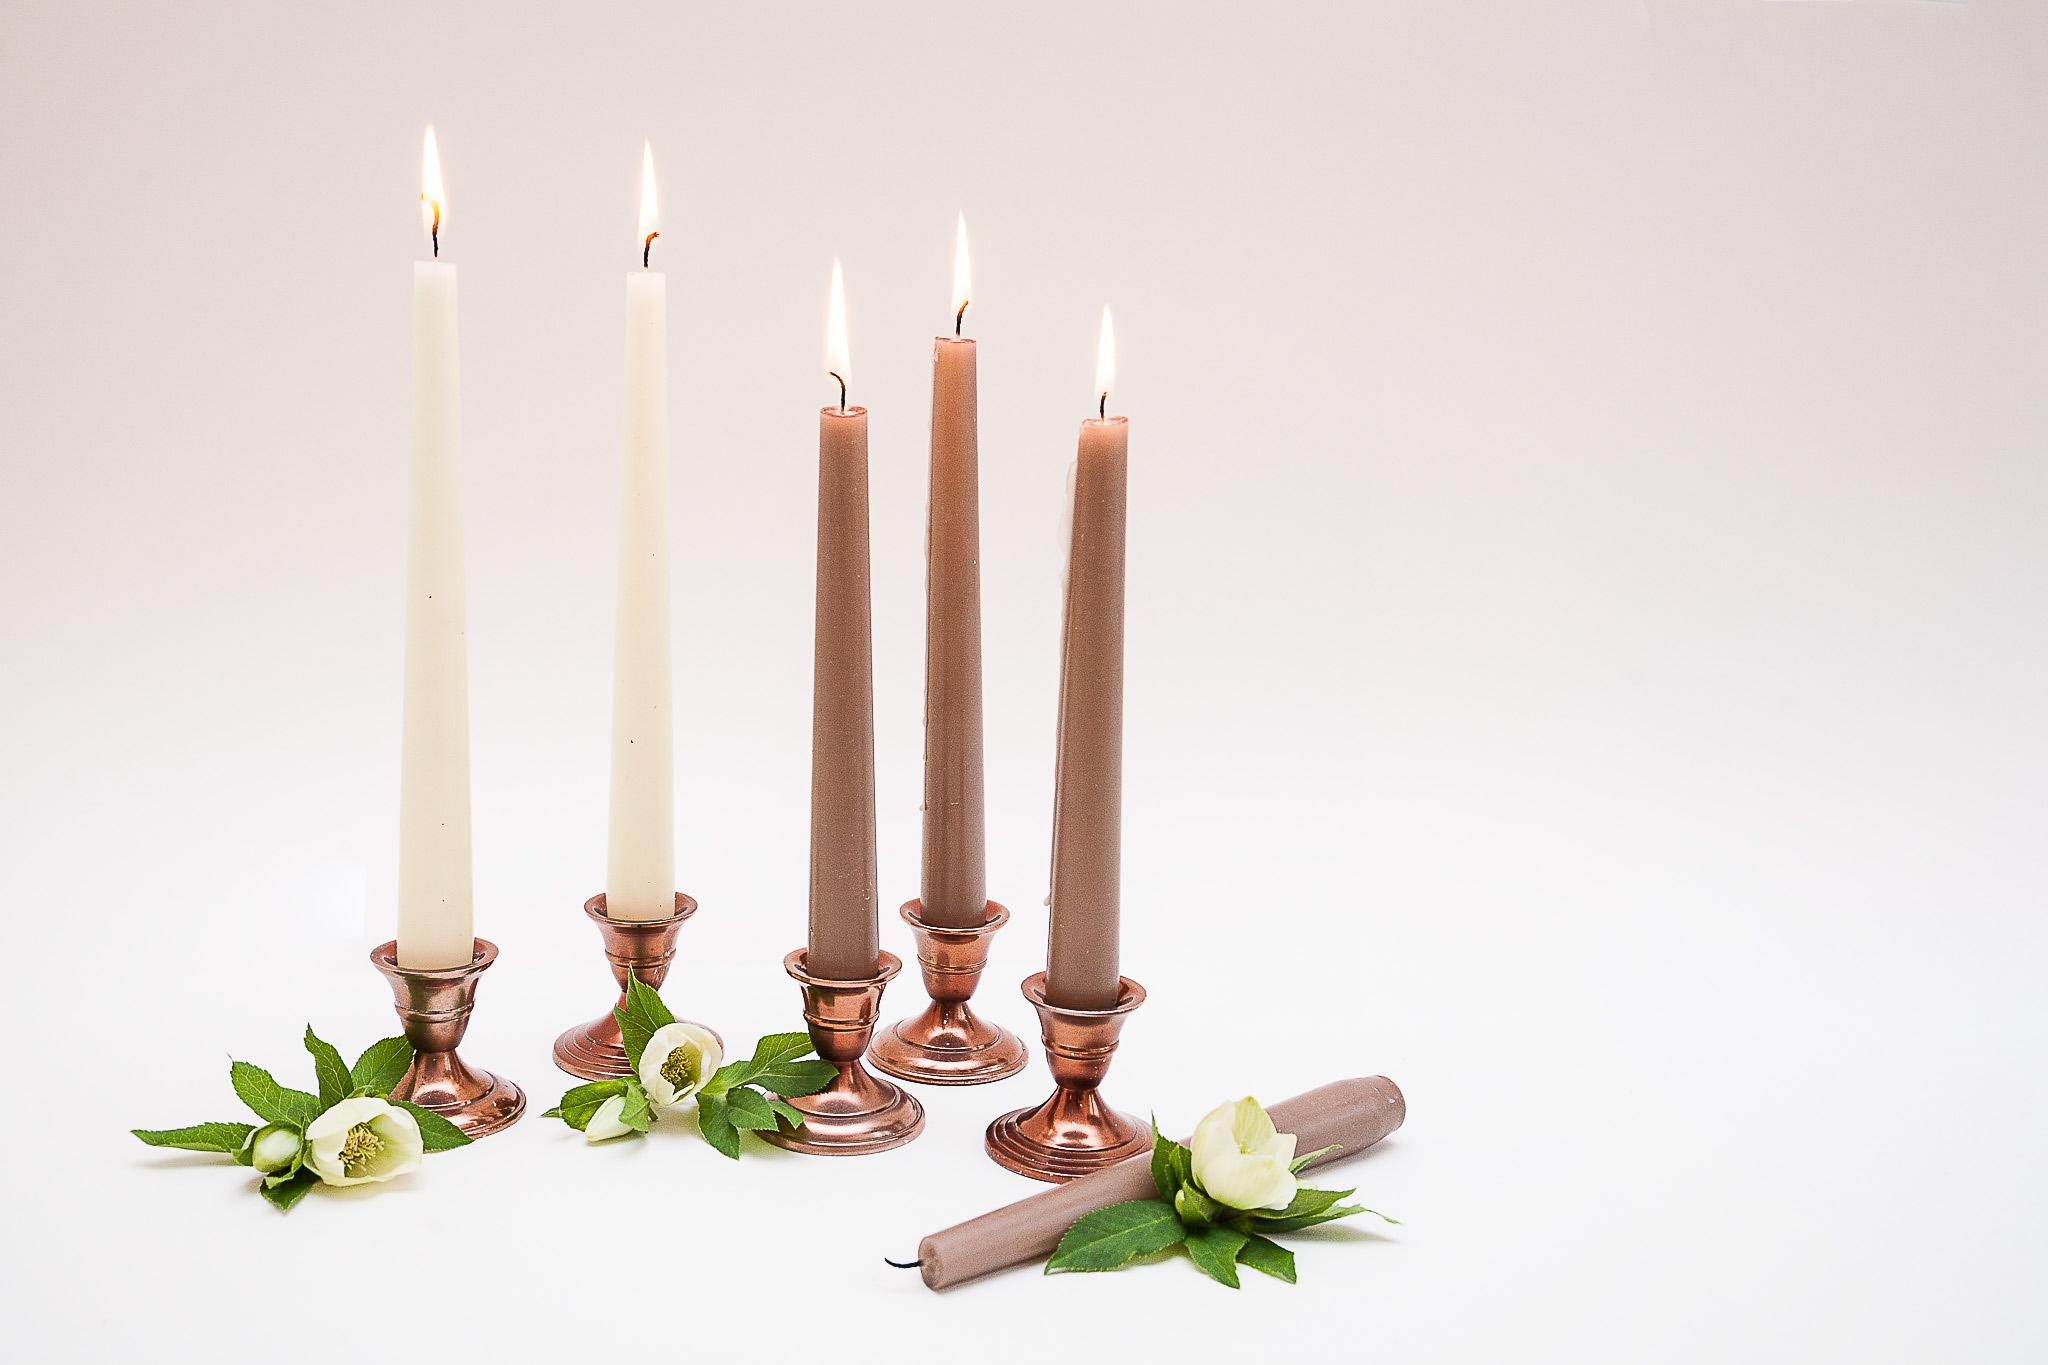 Vario spalvos  (Rose gold) žema žvakidė ilgai žvakei (Ž-24)